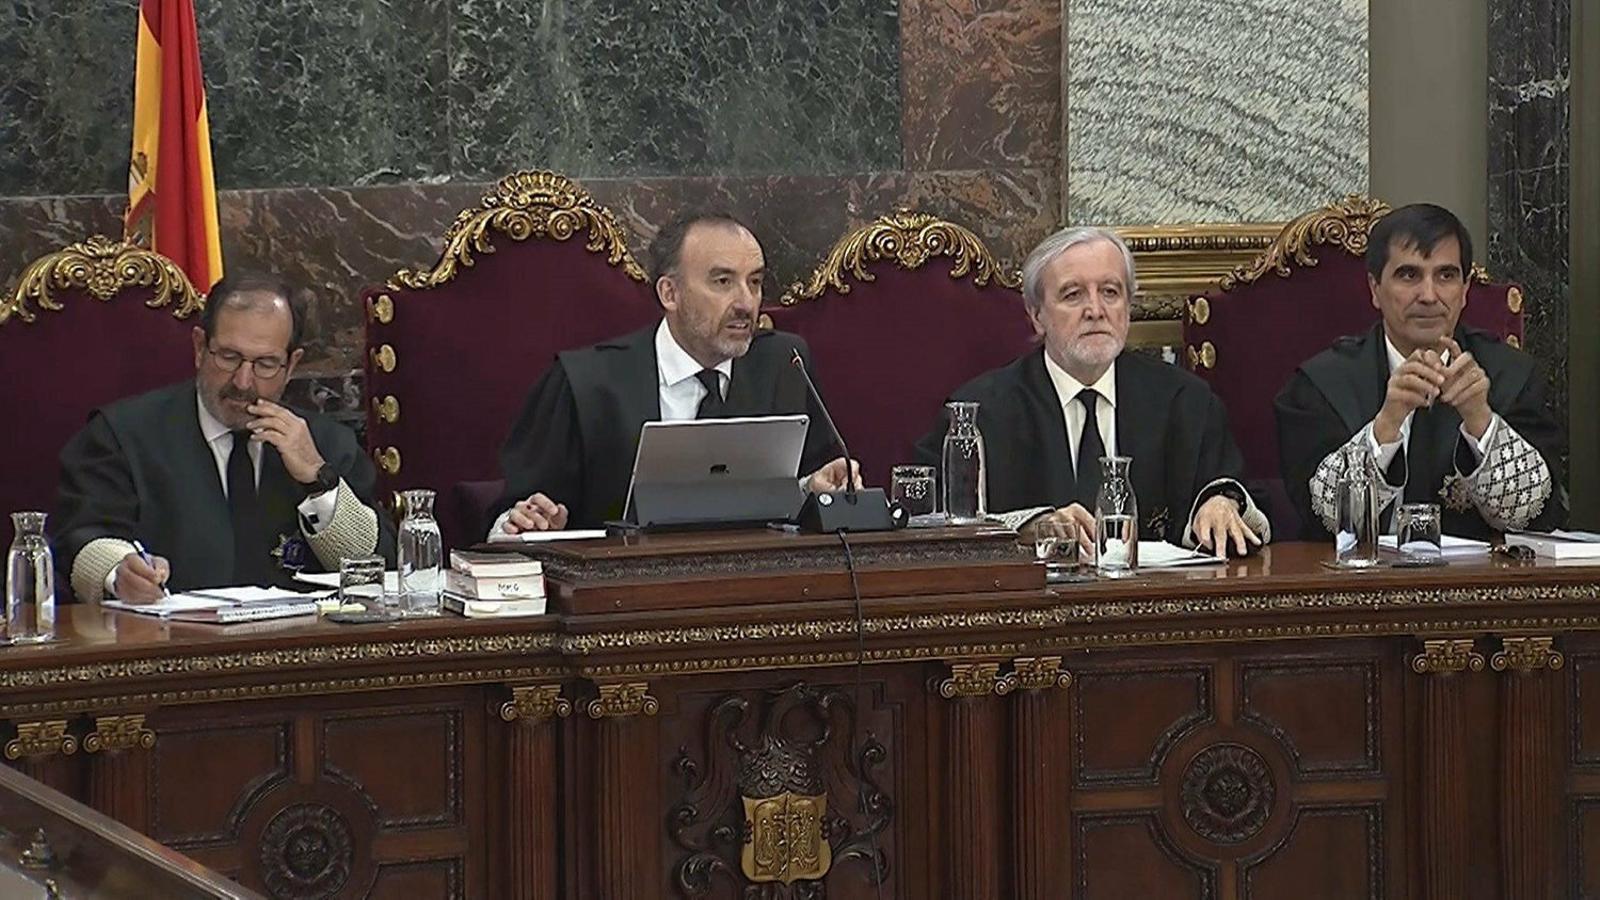 El president del tribunal del Suprem que jutja el Procés, Manuel Marchena.